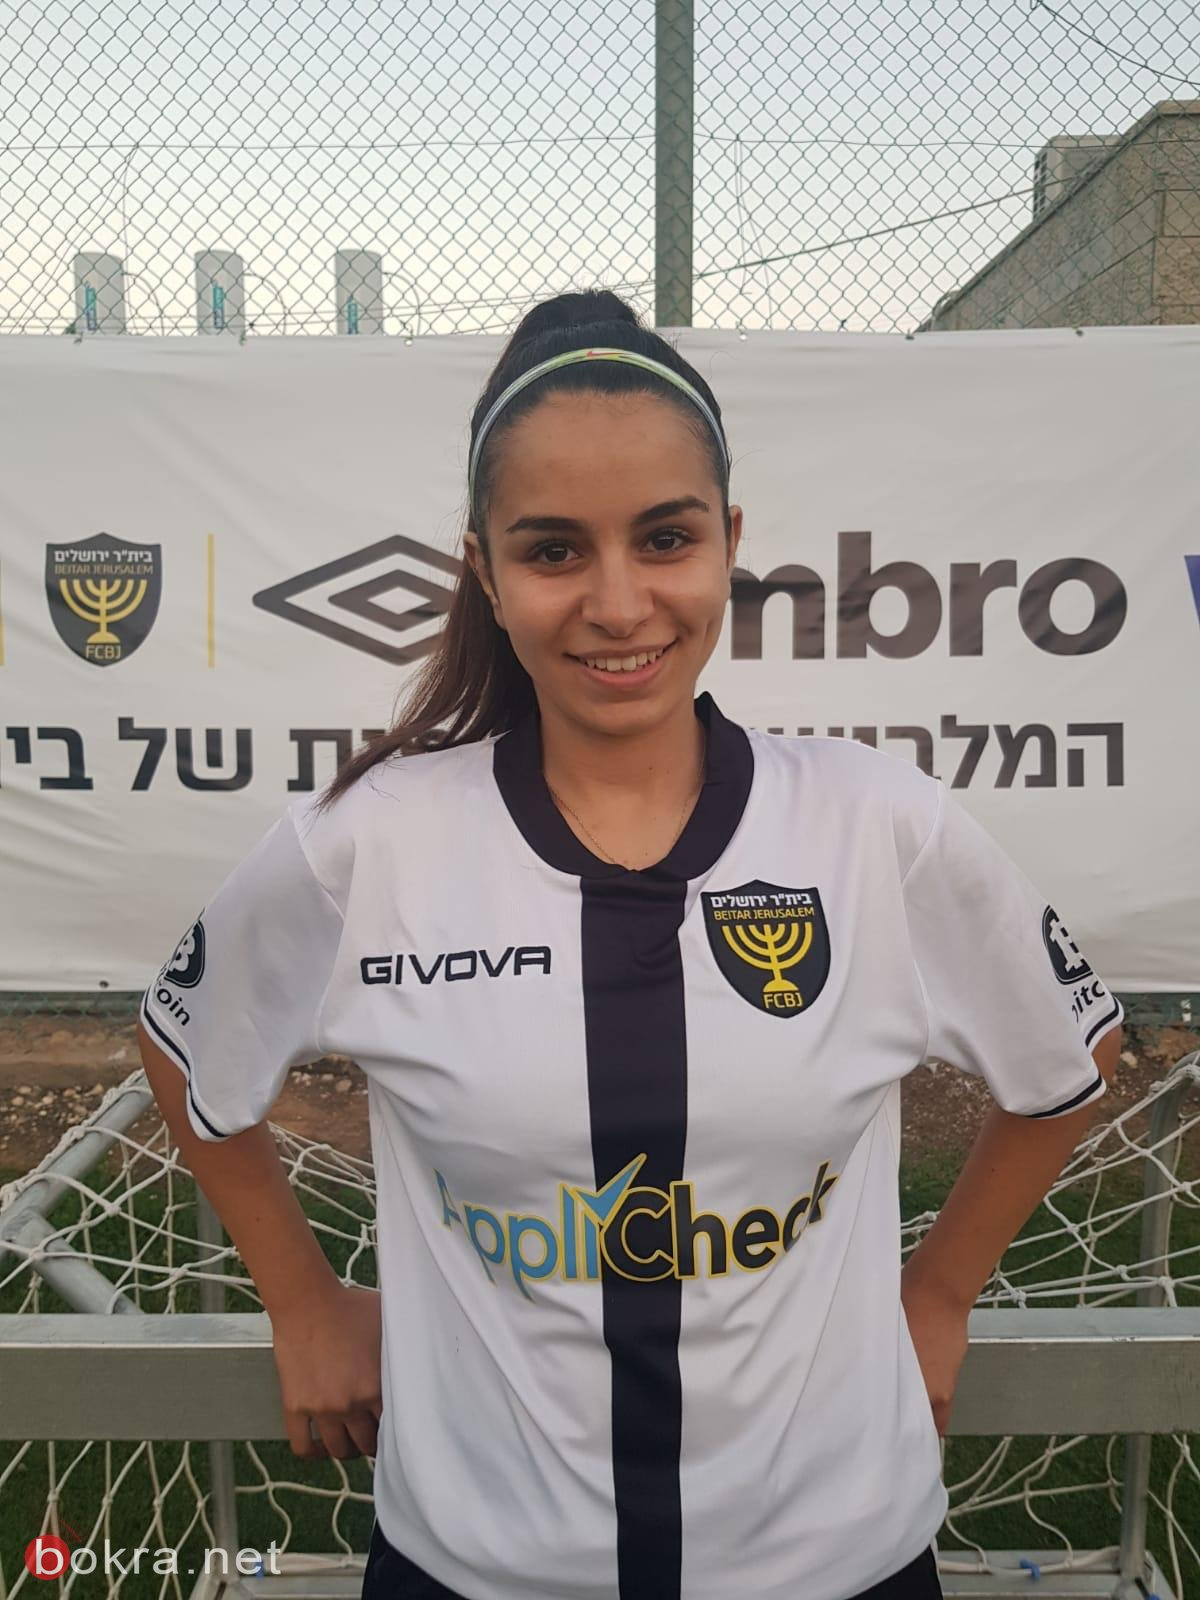 رغد باير اول لاعبة كرة قدم عربية في فريق بيتار اورشليم القدس